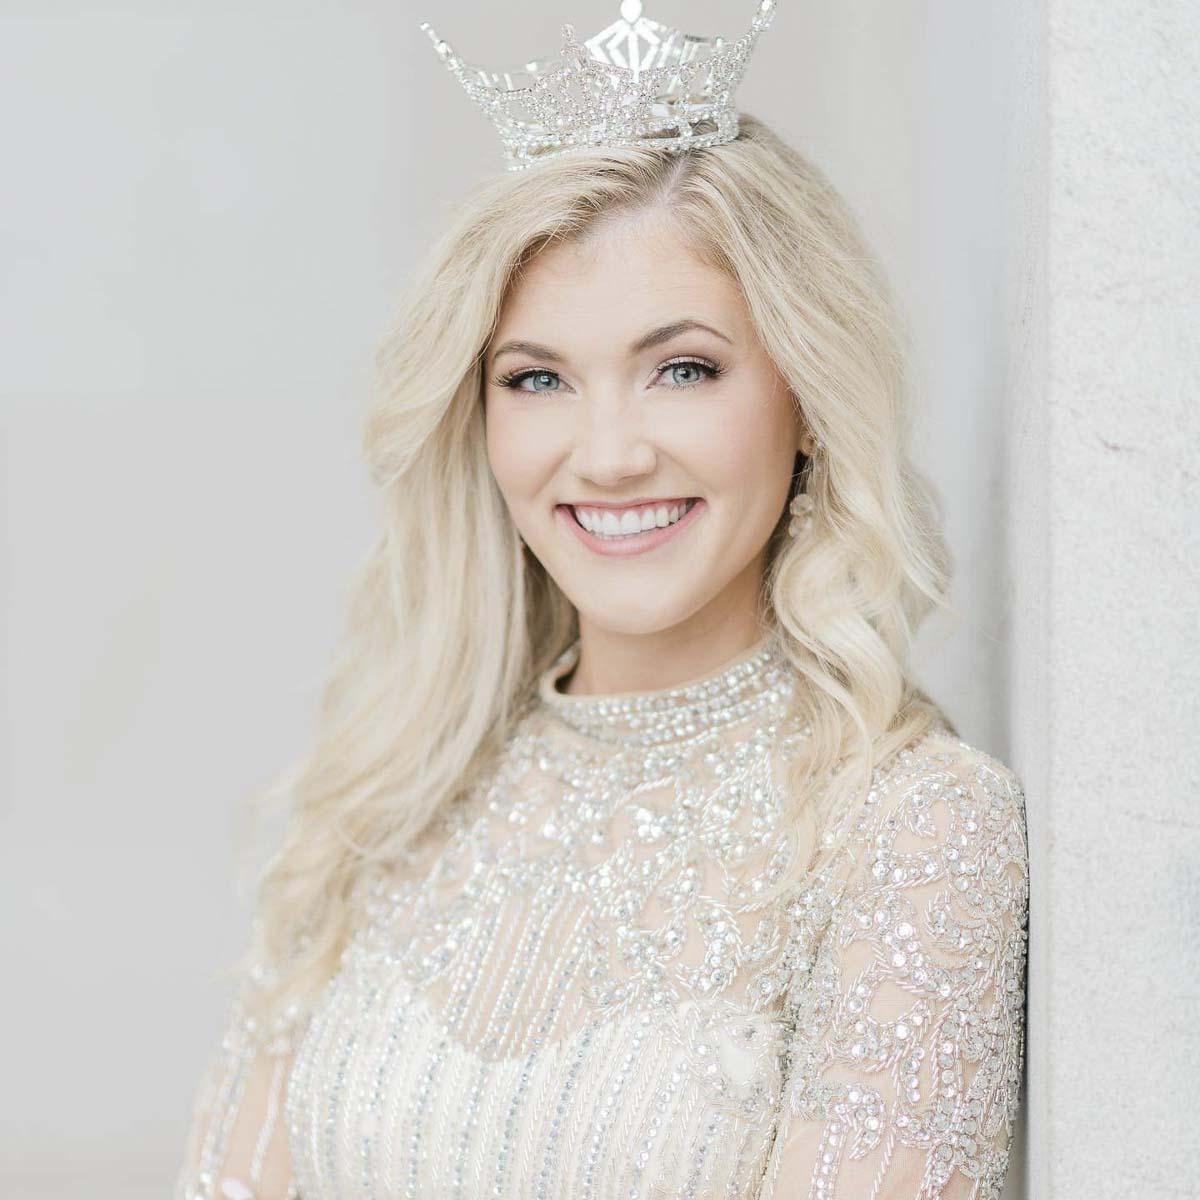 Miss Washington, Abbie Kondel, grew up in Clark County, Washington. Photo courtesy of Community Foundation for Southwest Washington